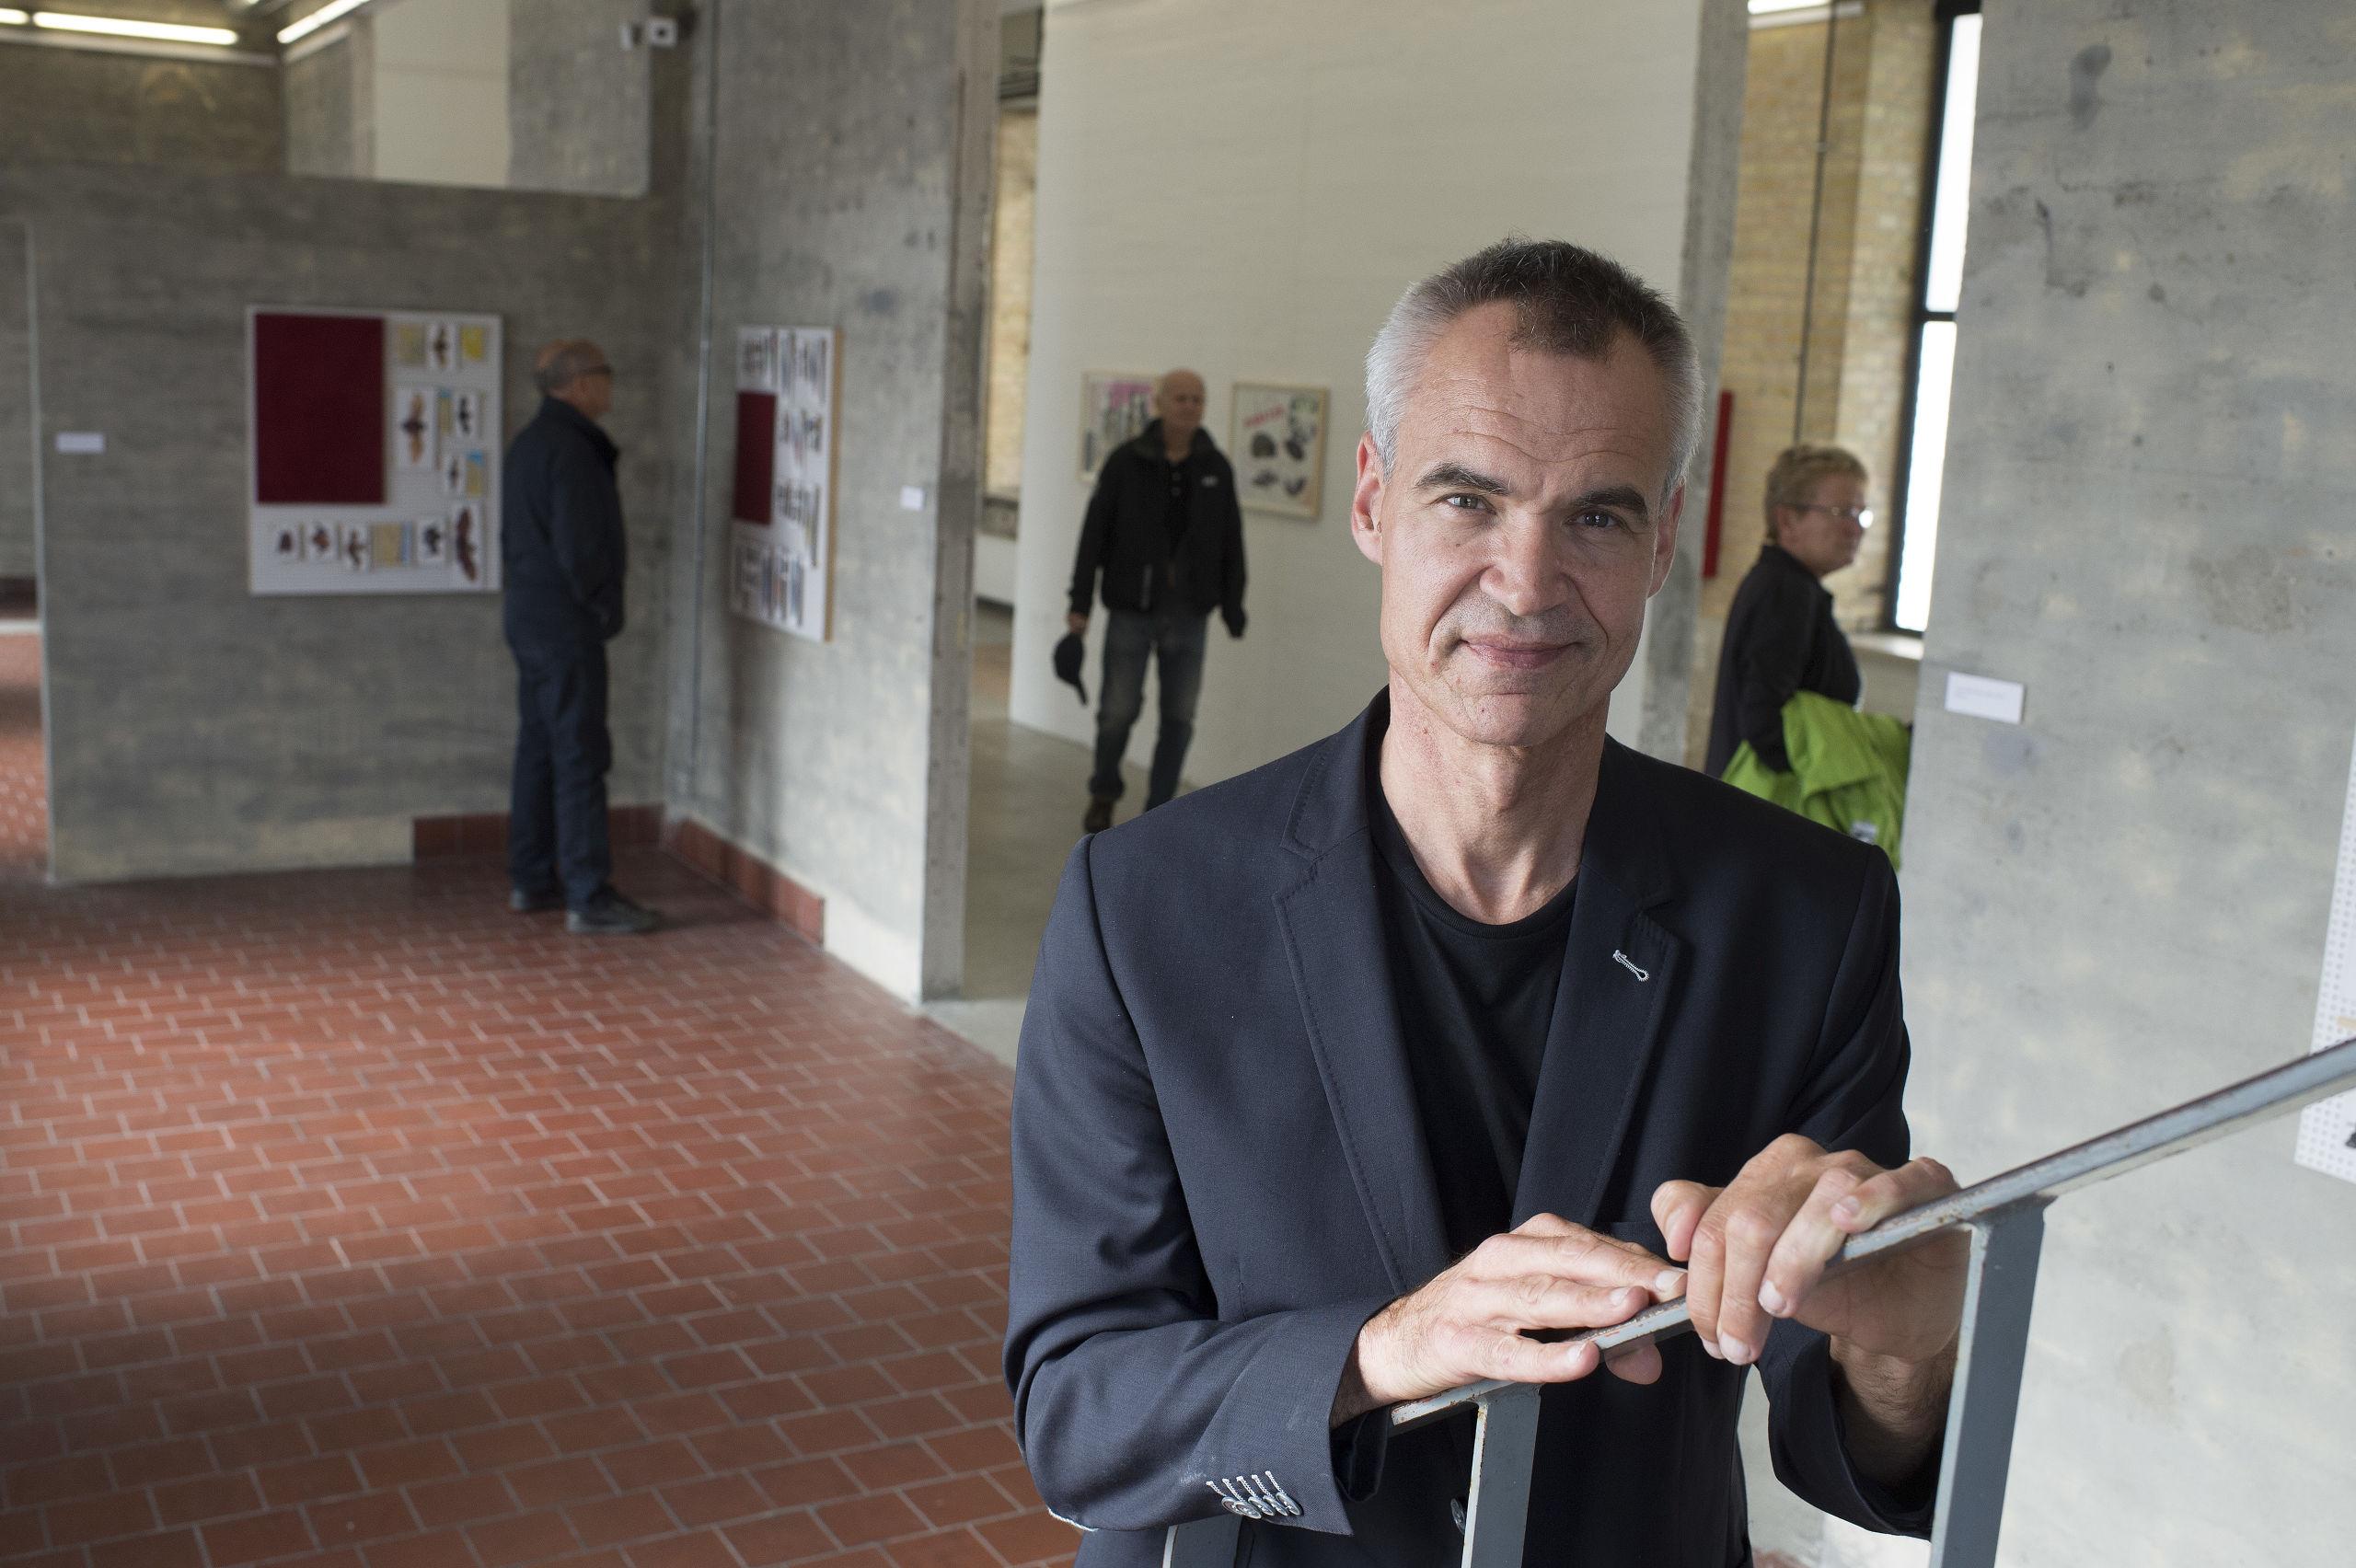 Henrik Broch-Lips, leder af Kunsthal NORD forventer sig meget af samarbejdet med Det Obelske Familiefond. Arkivfoto: Grete Dahl